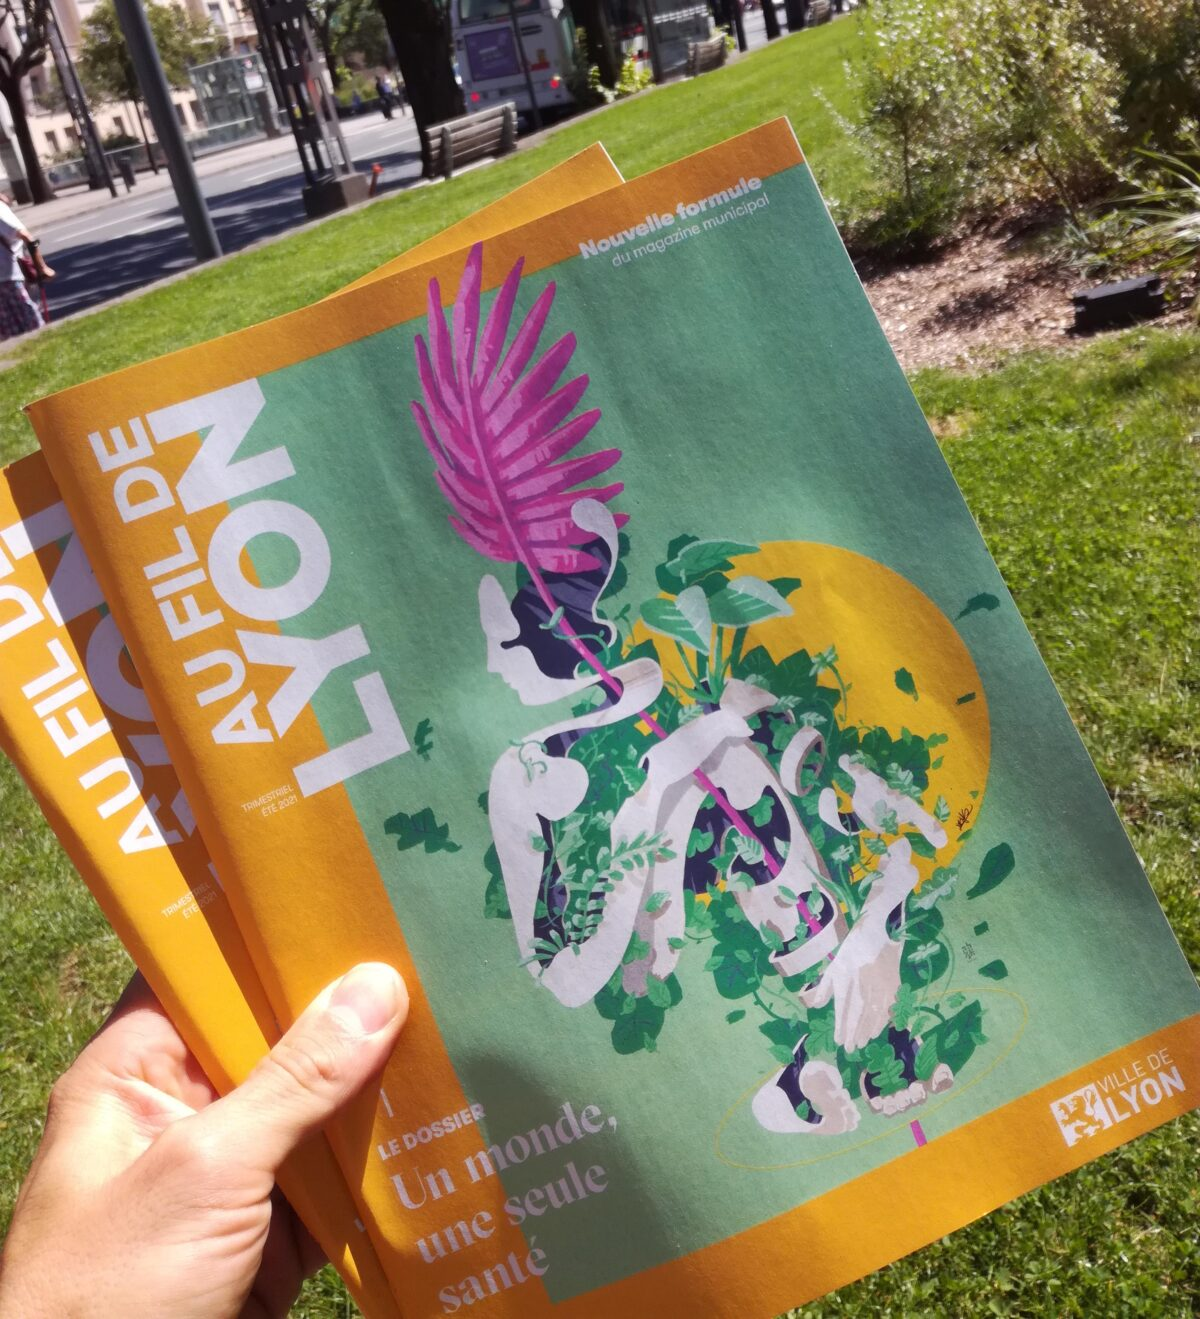 couverture magasine lyon mag - au fil de lyon agence illustration digital painting - one health - une seule santé odalistique - abys - abys2fly